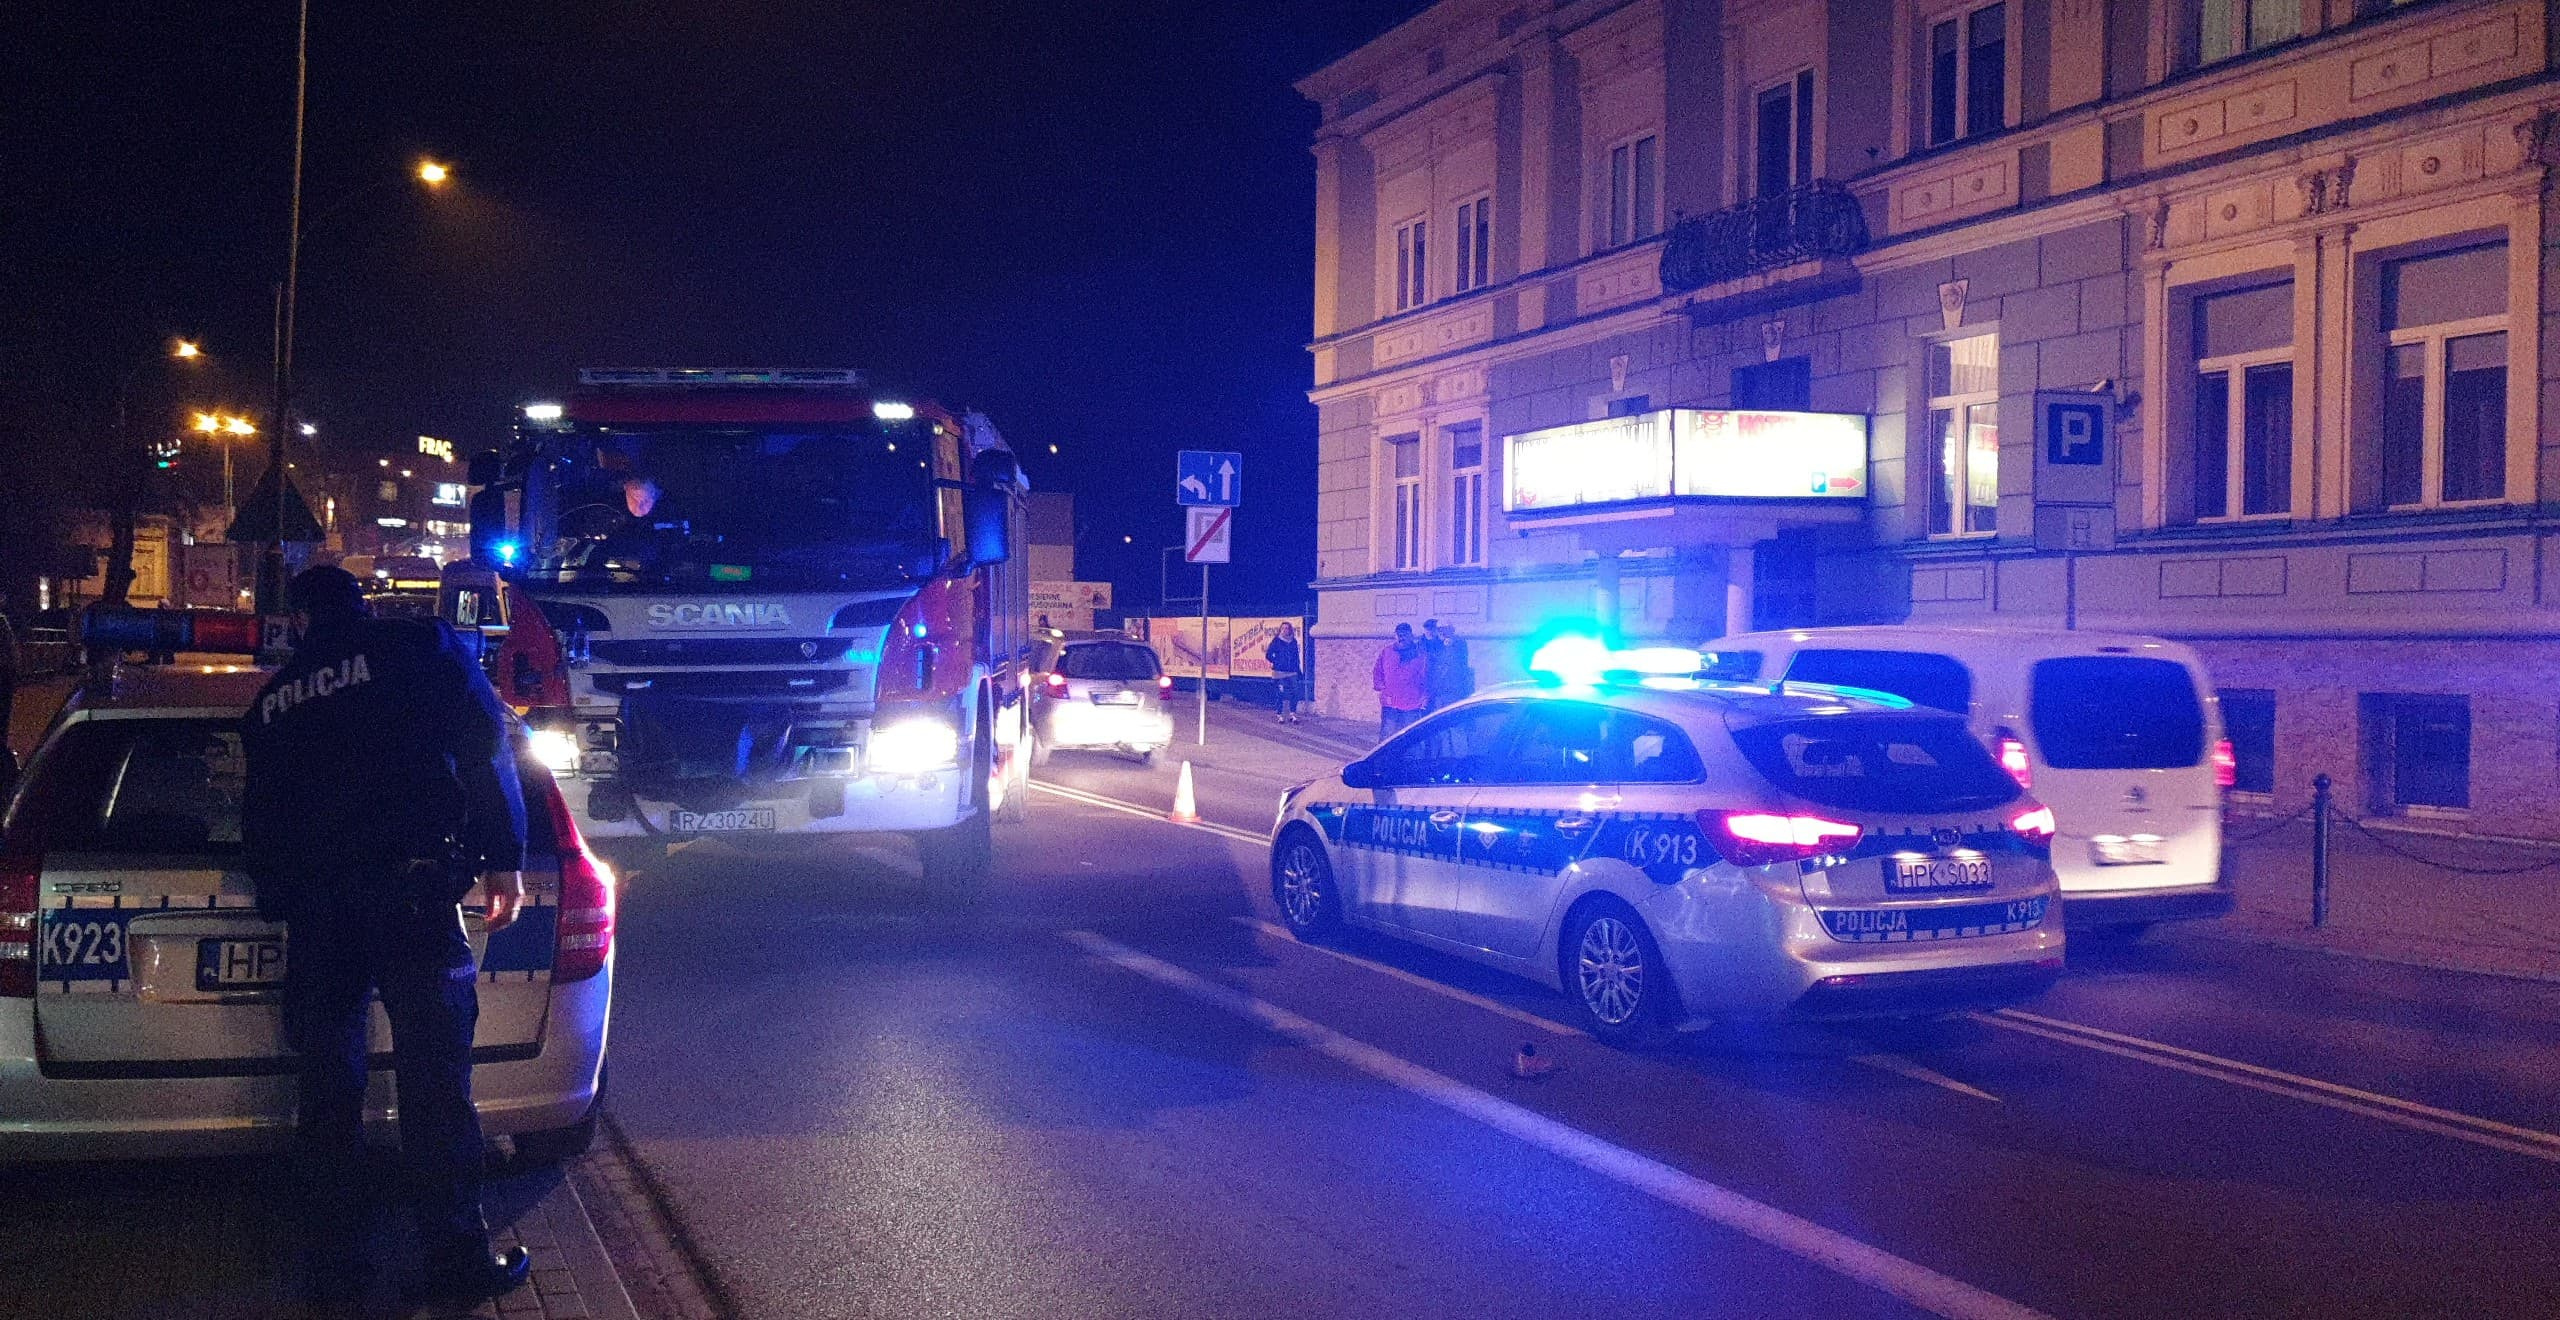 Z OSTATNIEJ CHWILI: Potrącenie pieszego na ul. Jagiellońskiej [FOTO+VIDEO] - Zdjęcie główne